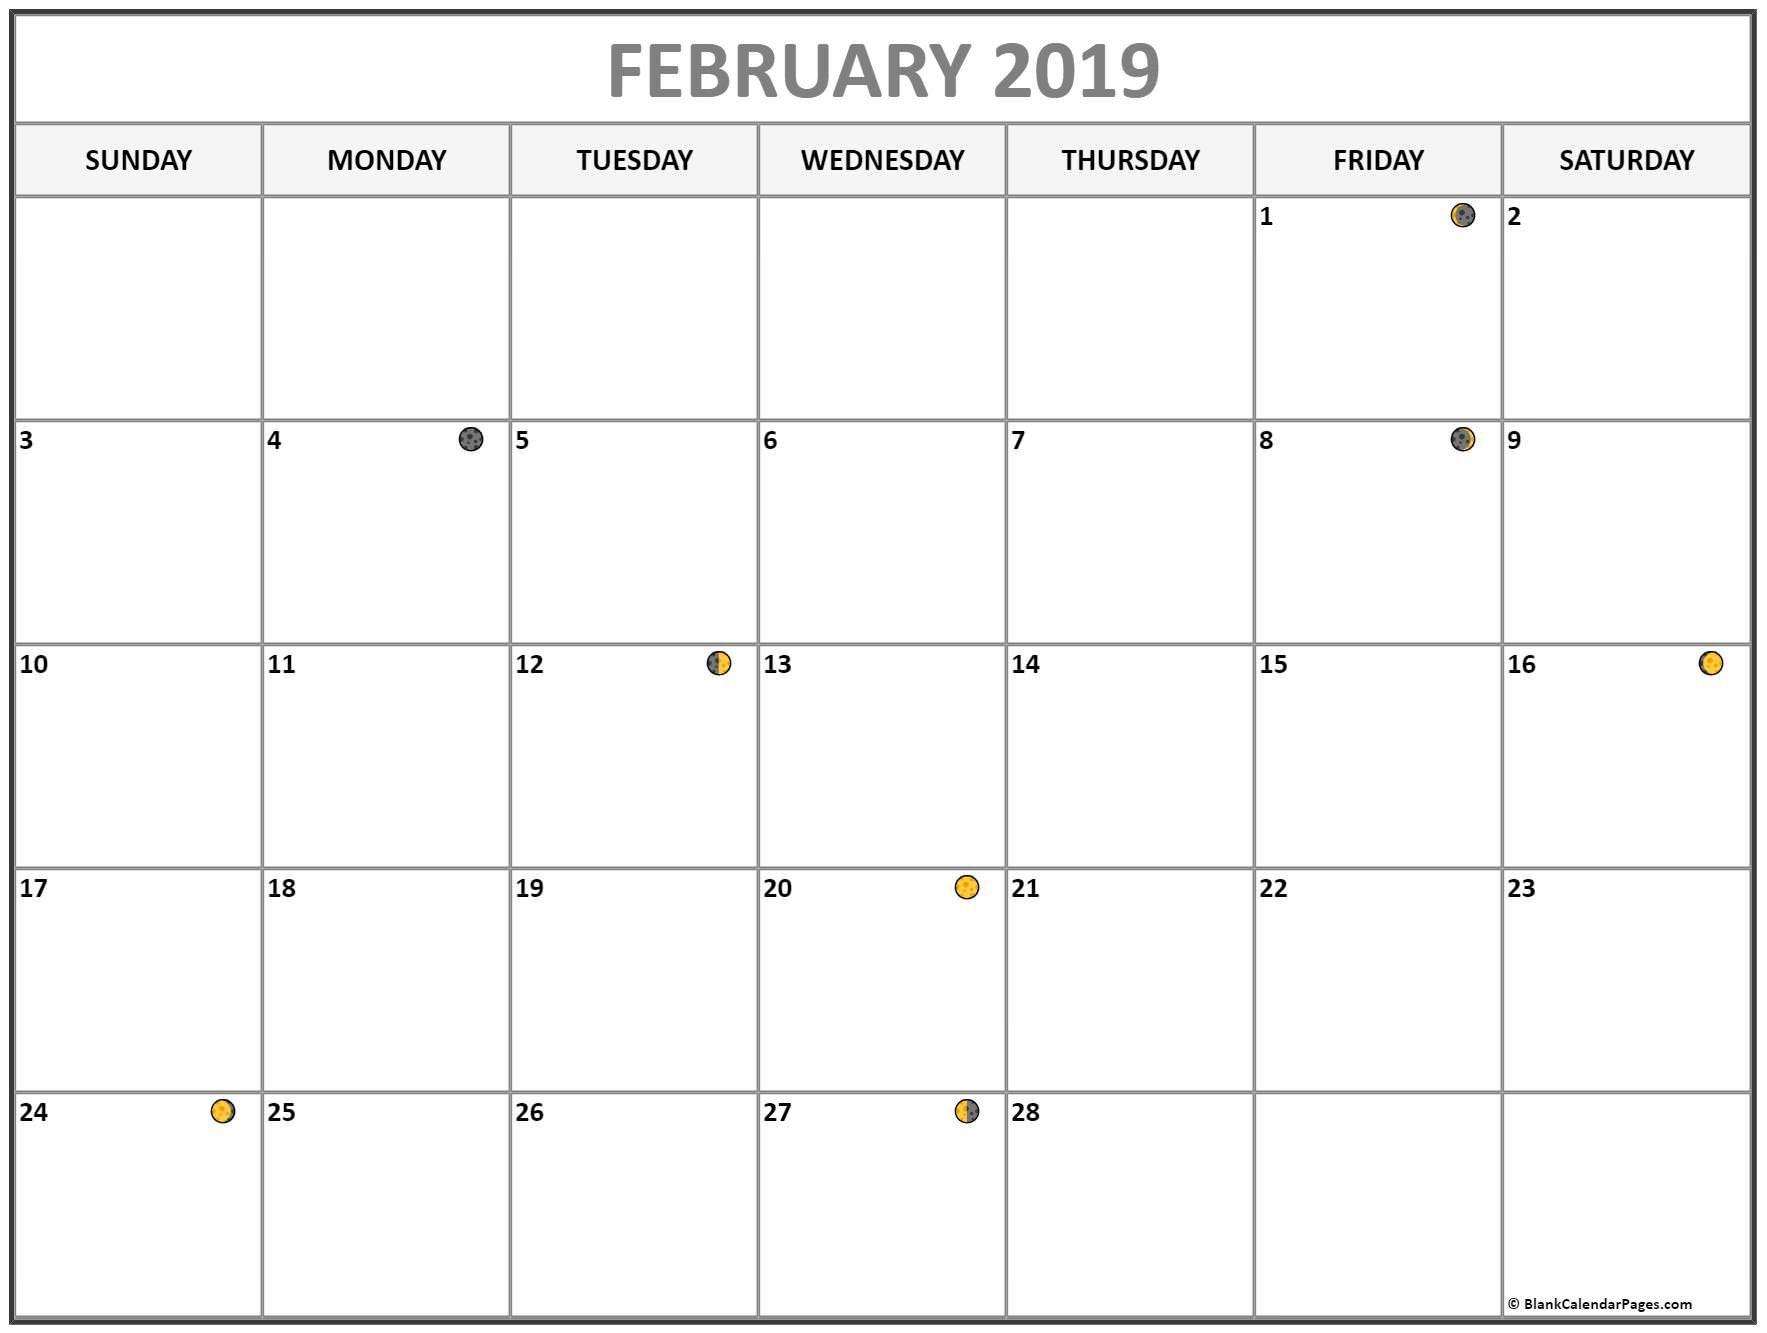 February 2019 Lunar Calendar Moon Phase Calendar With Usa